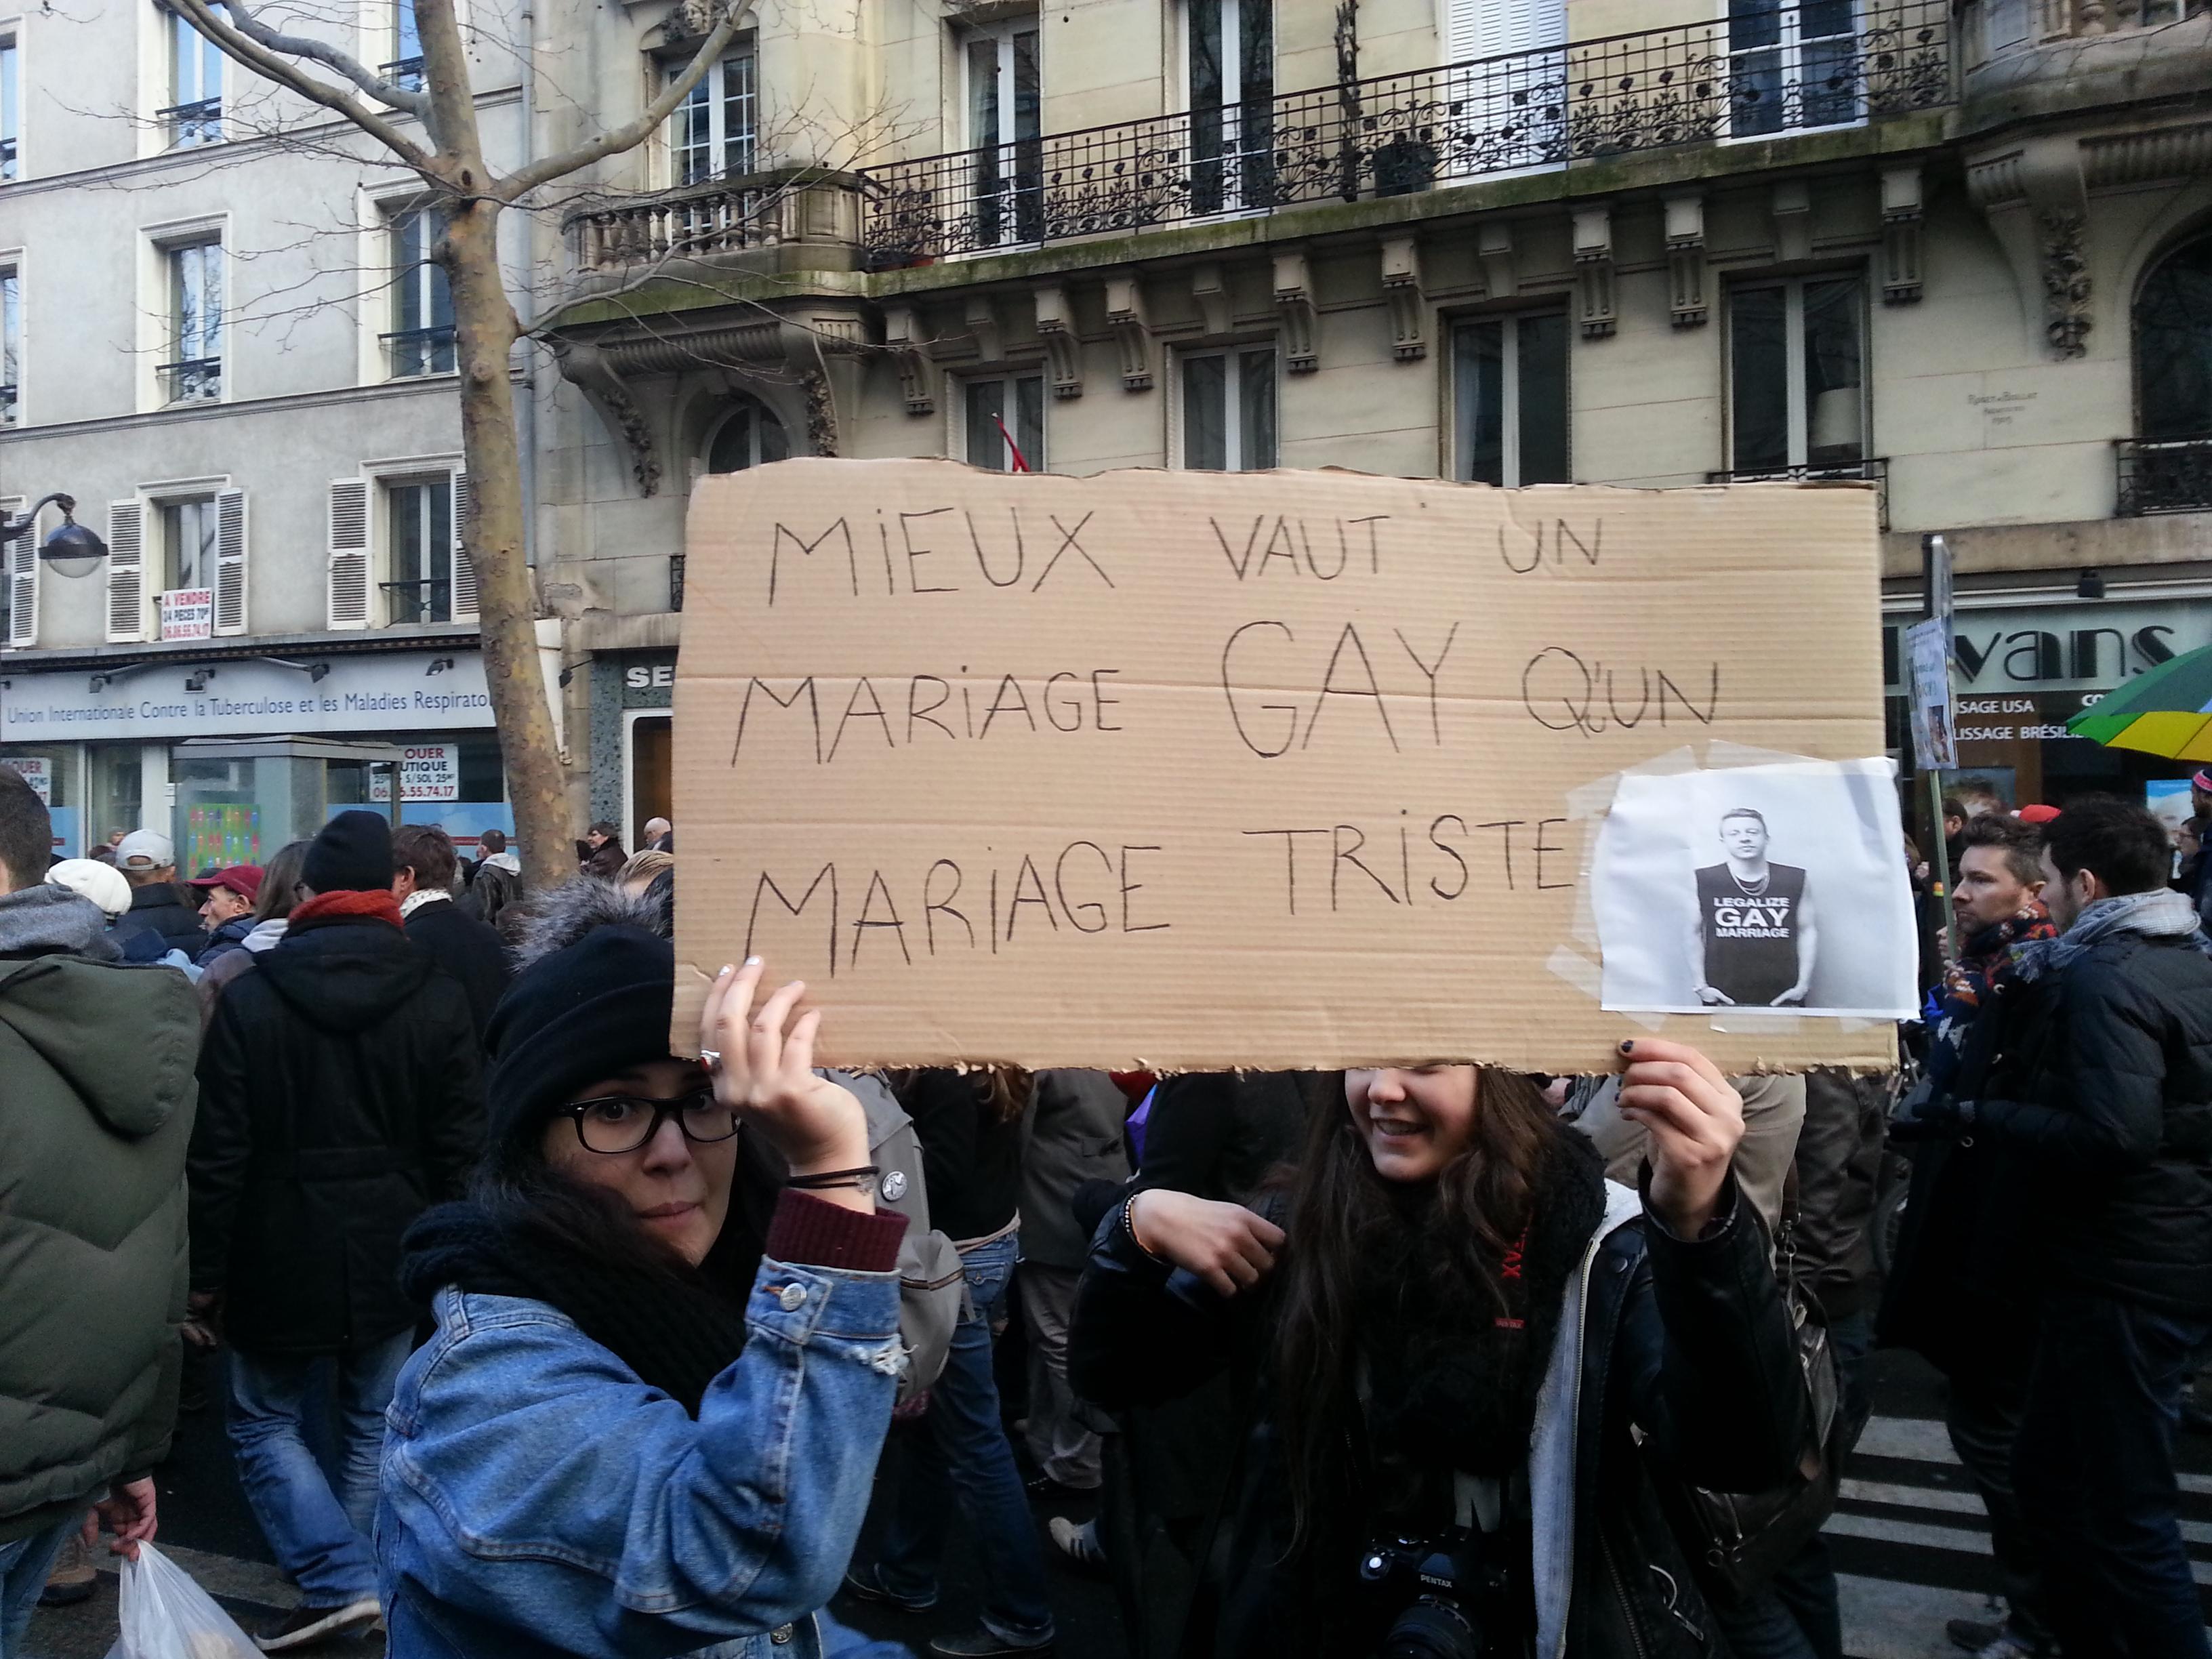 Rue De La Rencontre Annonces De Rencontre Massage Erotique Grenoble